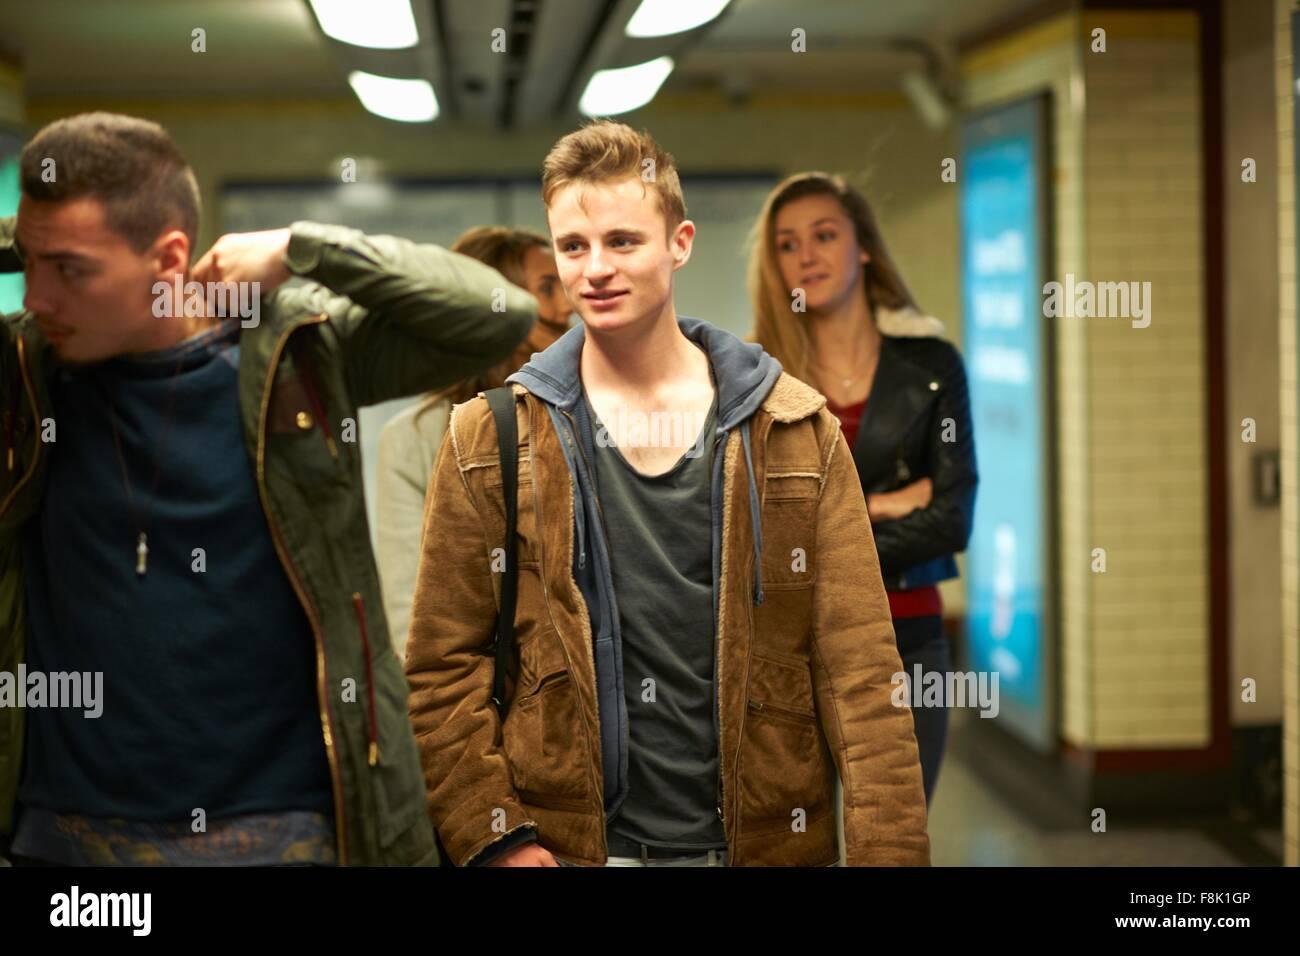 Cuatro jóvenes amigos adultos caminando por la estación del metro de Londres, Londres, Reino Unido. Foto de stock